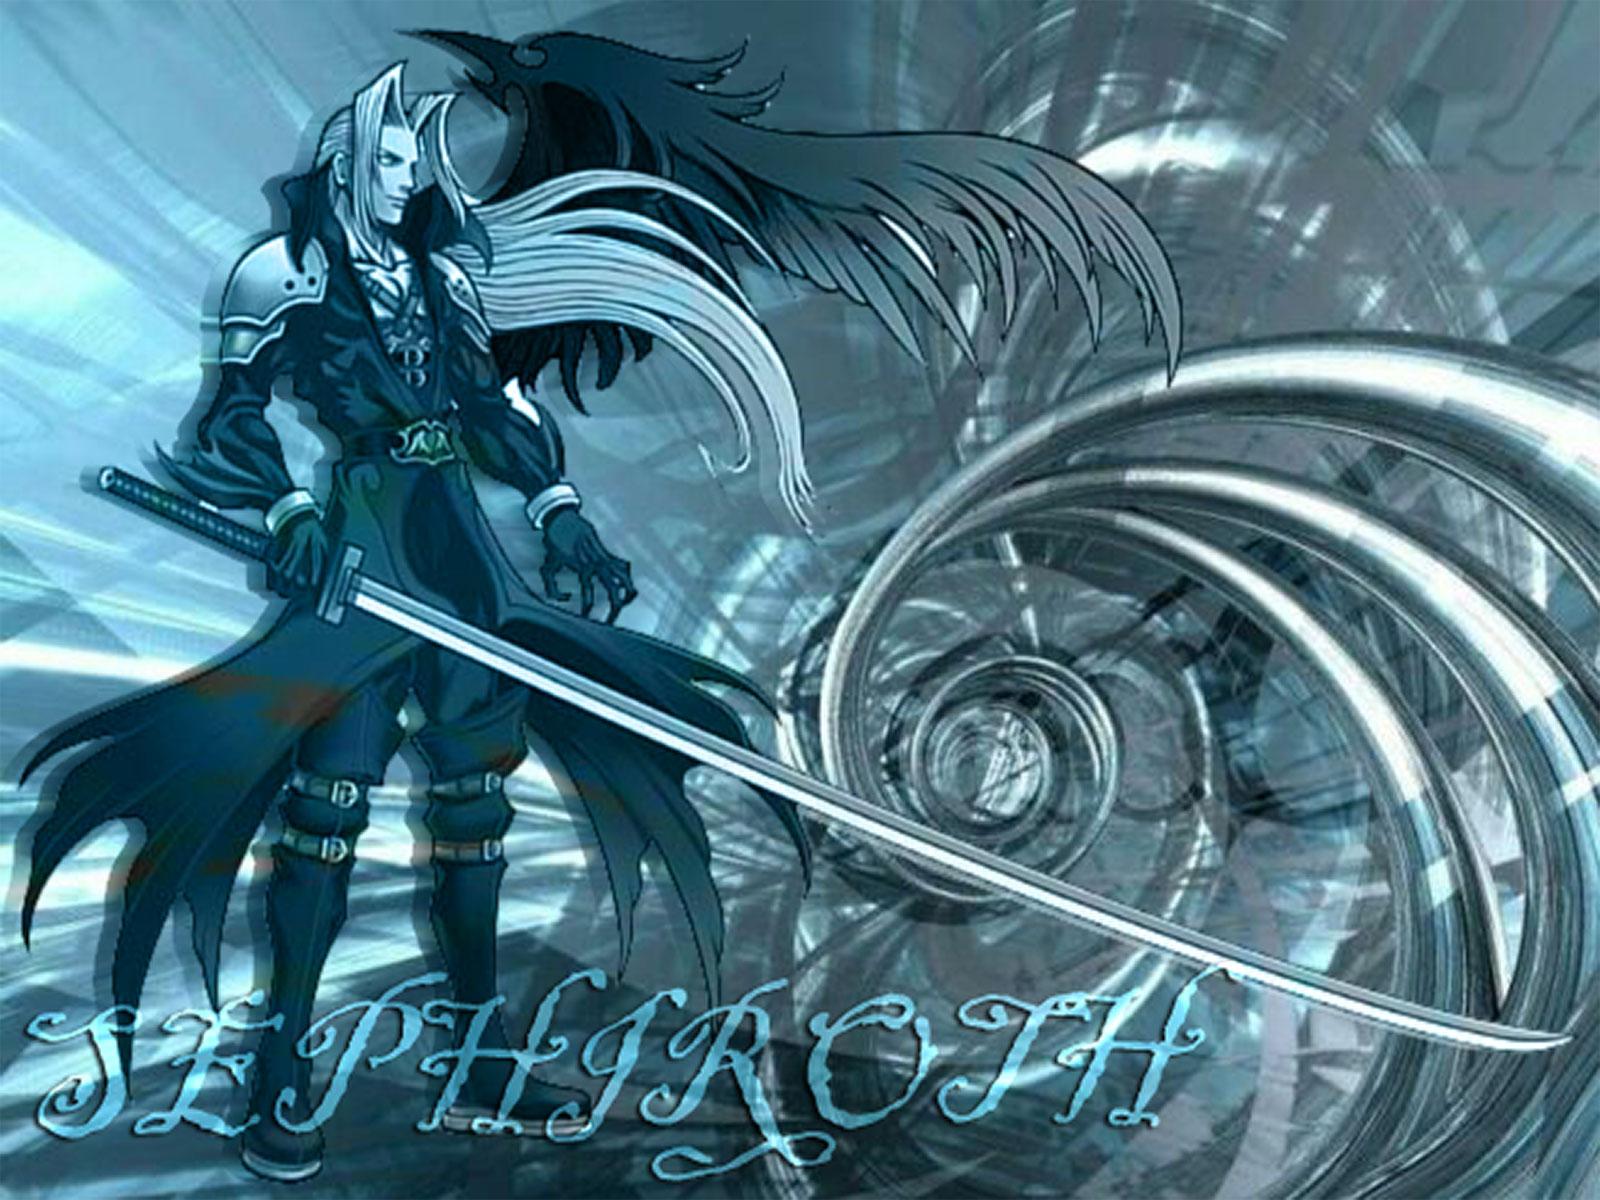 Final Fantasy Vii Wallpaper Sephiroth In Blue Minitokyo